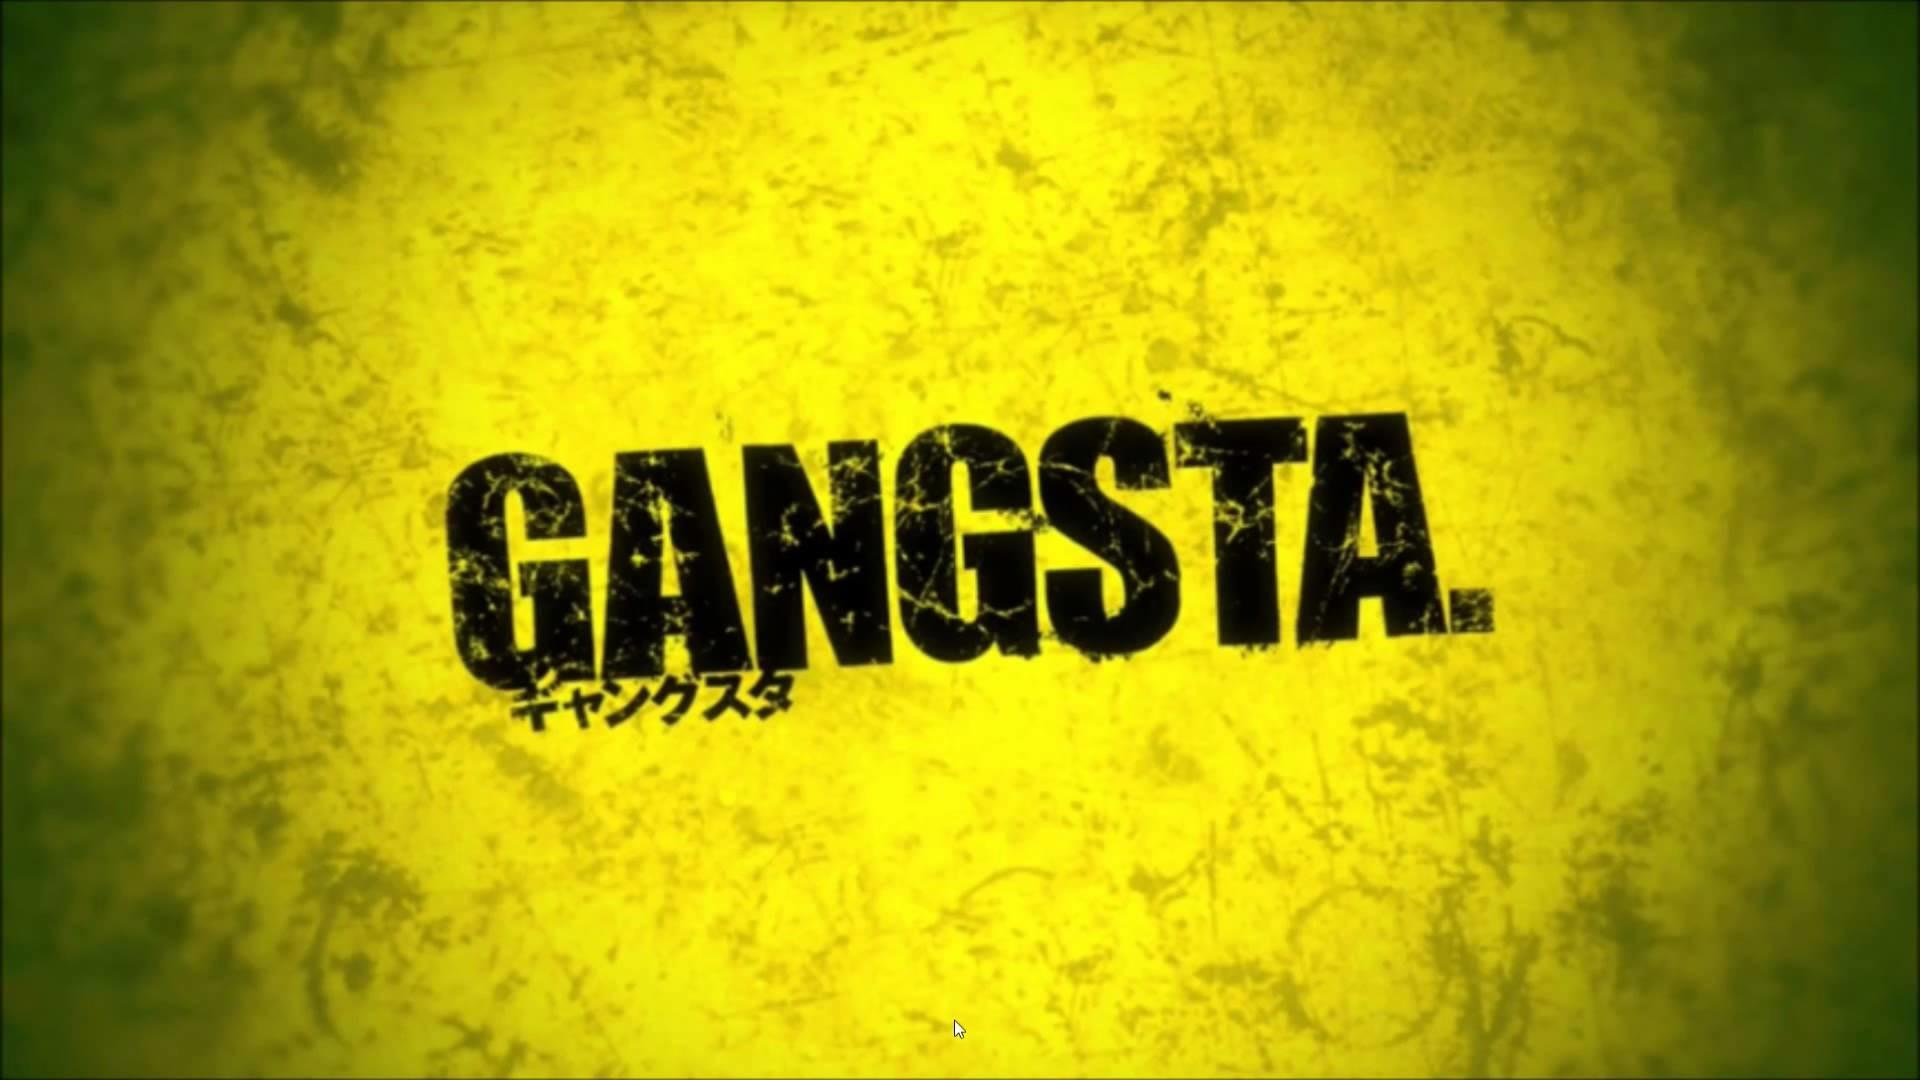 Anime – Gangsta. Wallpaper